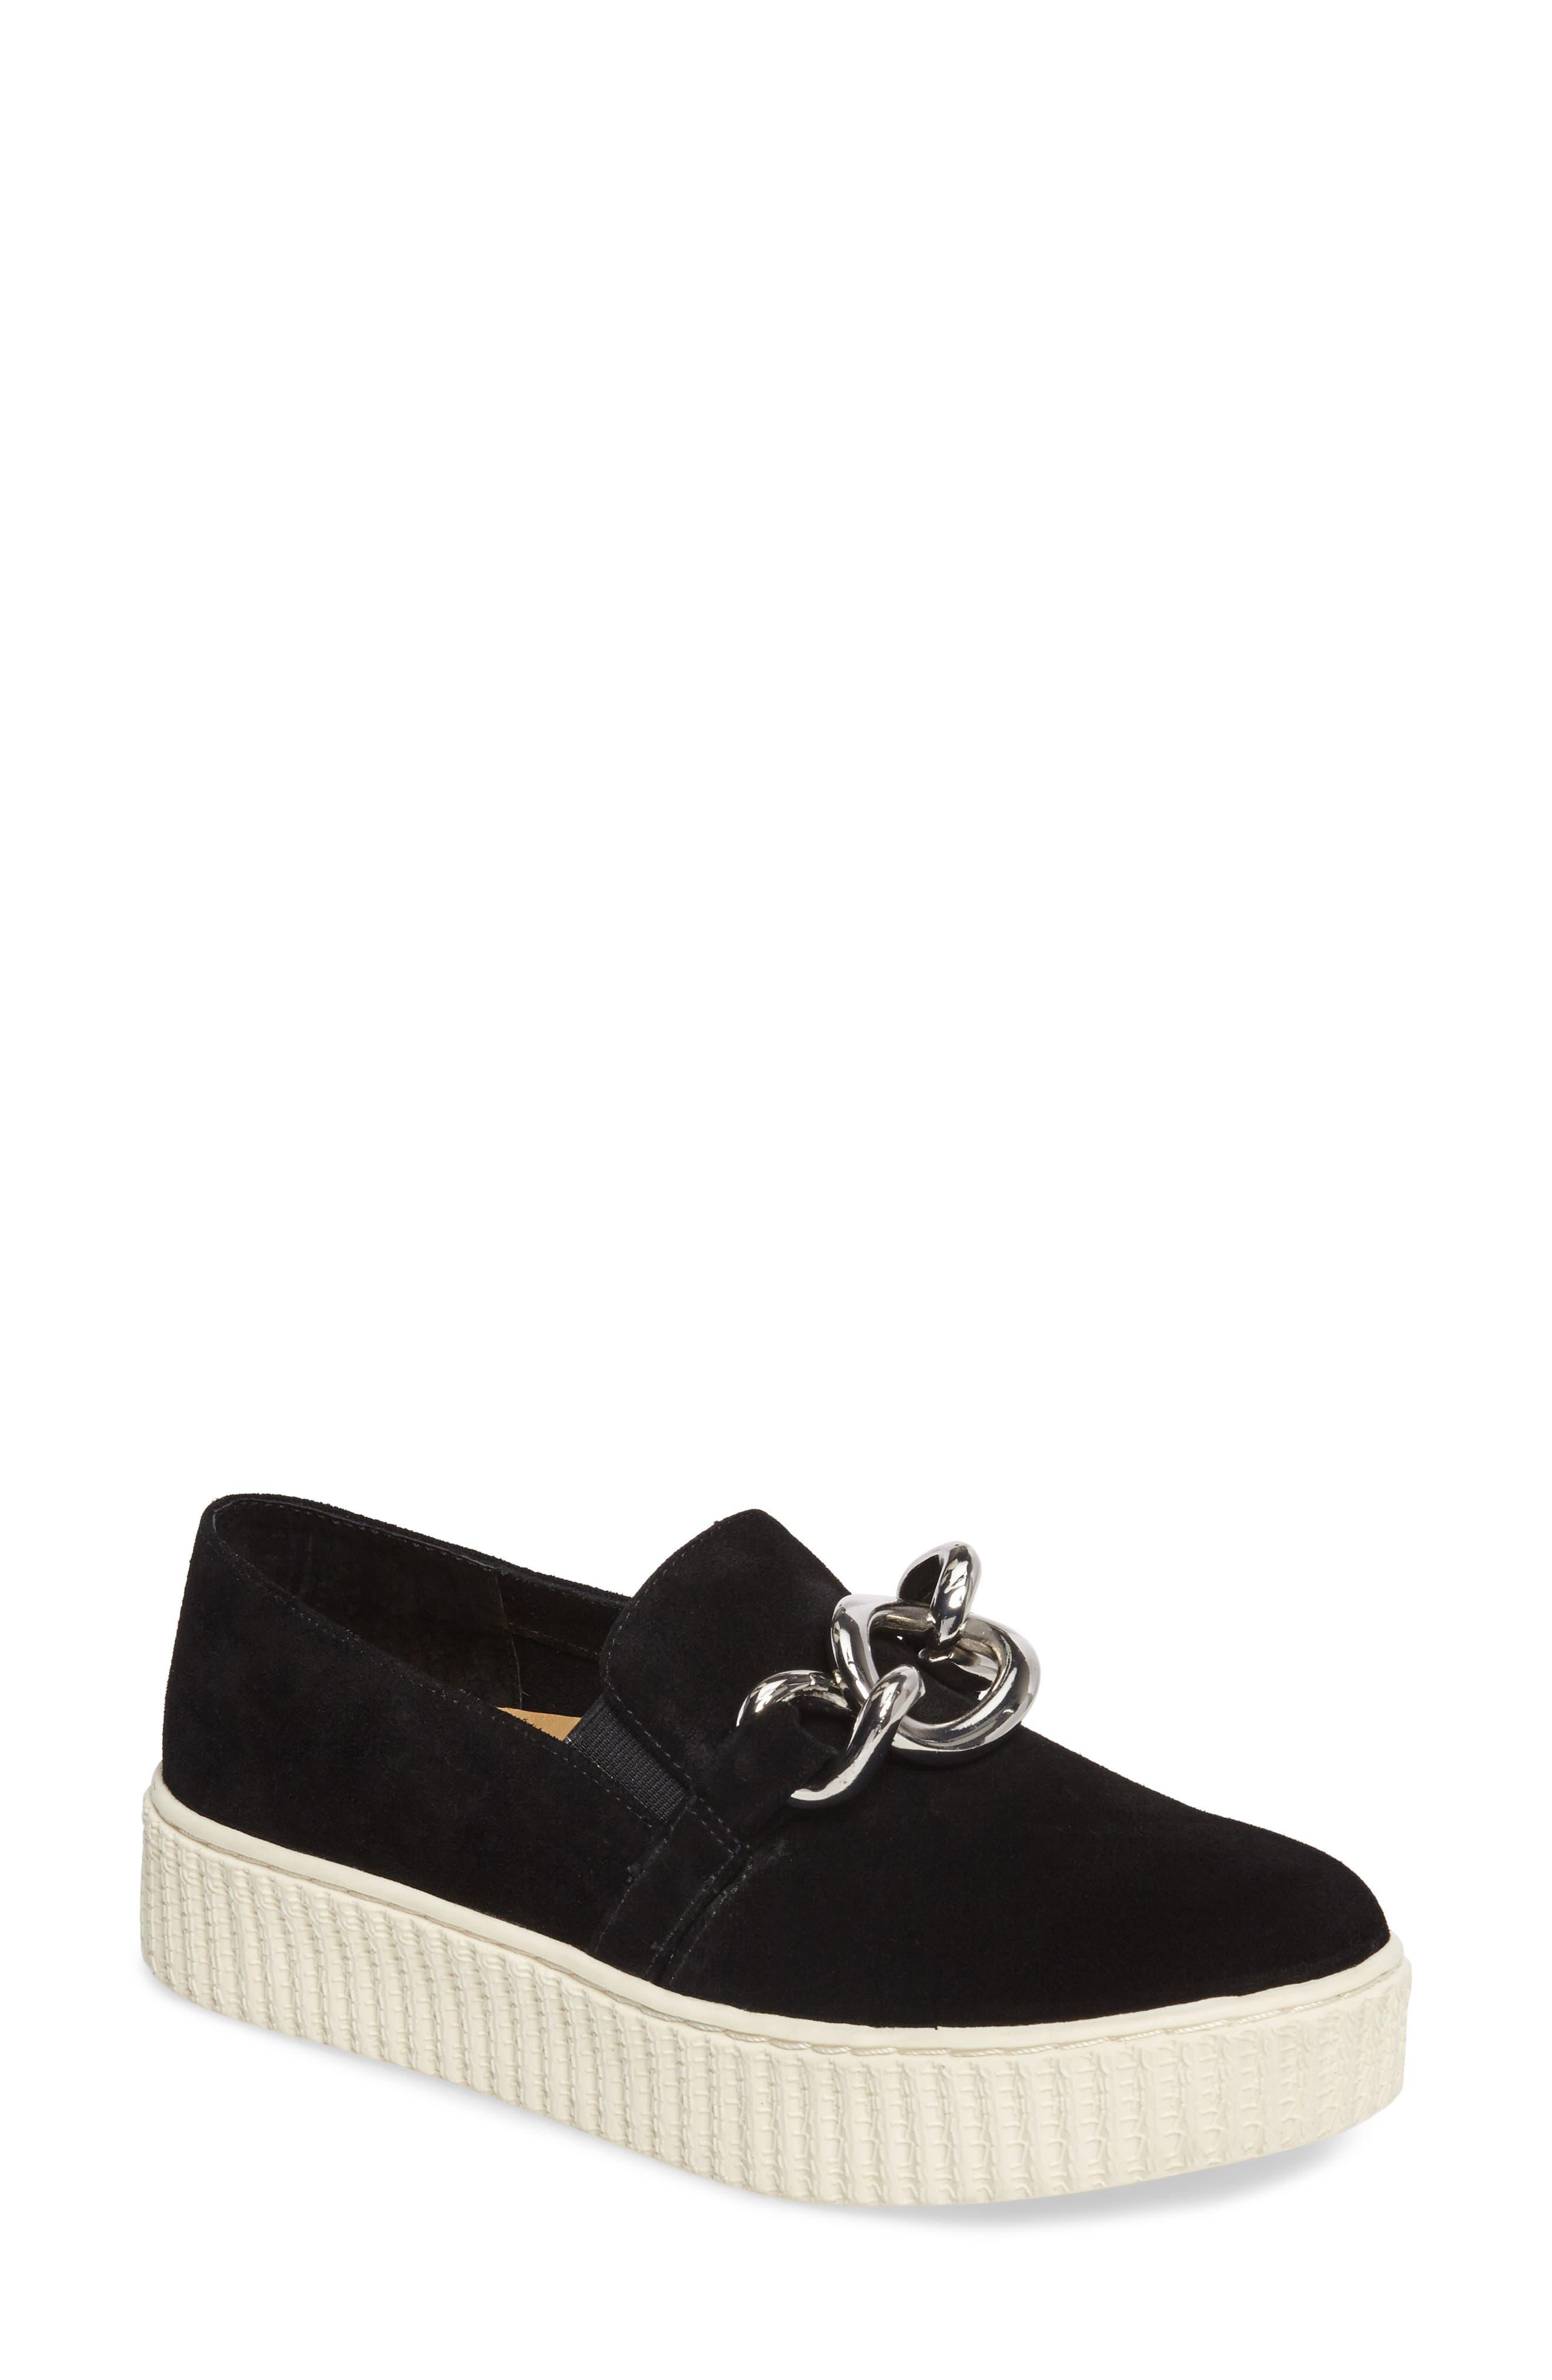 Roberta Platform Sneaker,                             Main thumbnail 1, color,                             013